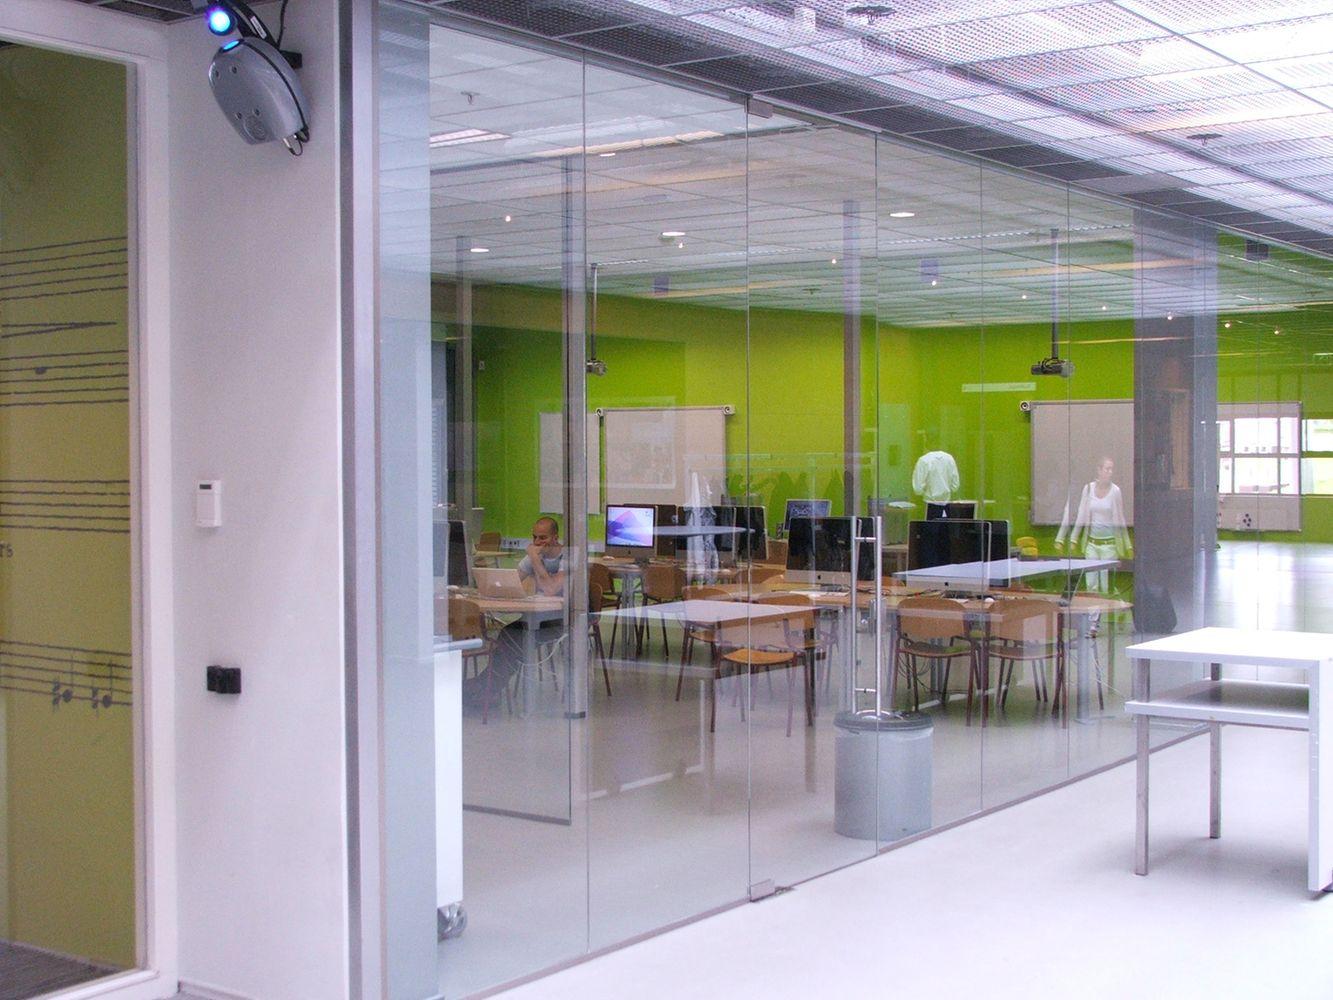 Glazen wand van installatieglas bij Stenden Hogeschool Leeuwarden